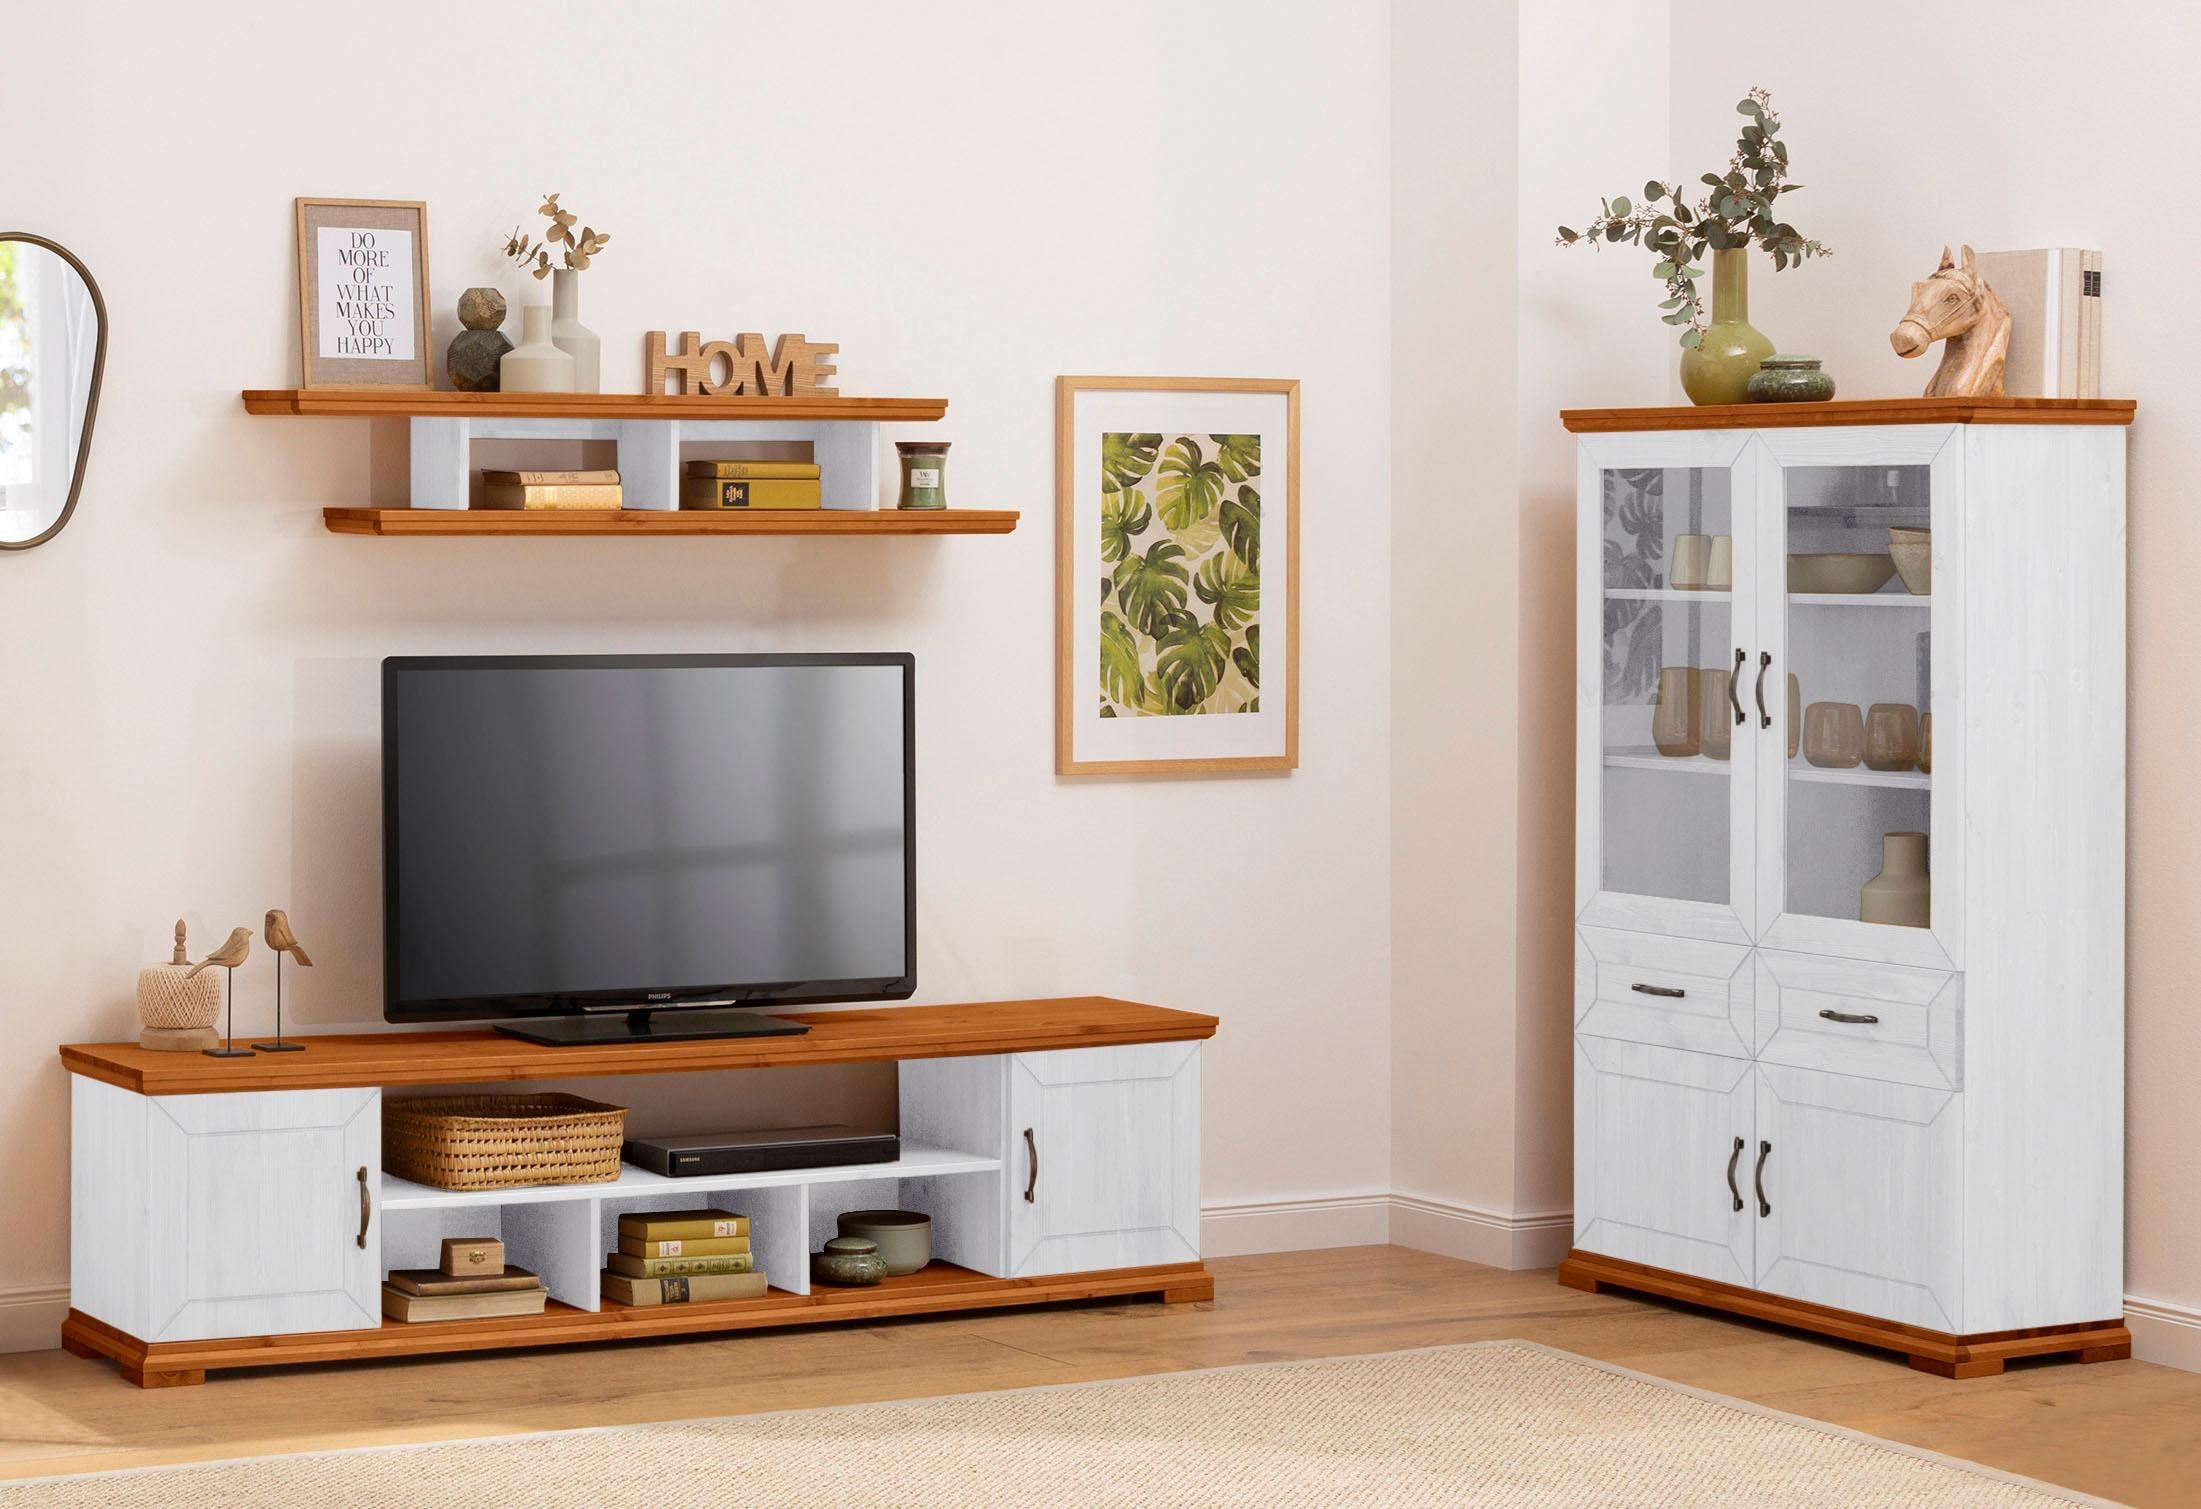 Home affaire Lowboard Castello günstig online kaufen